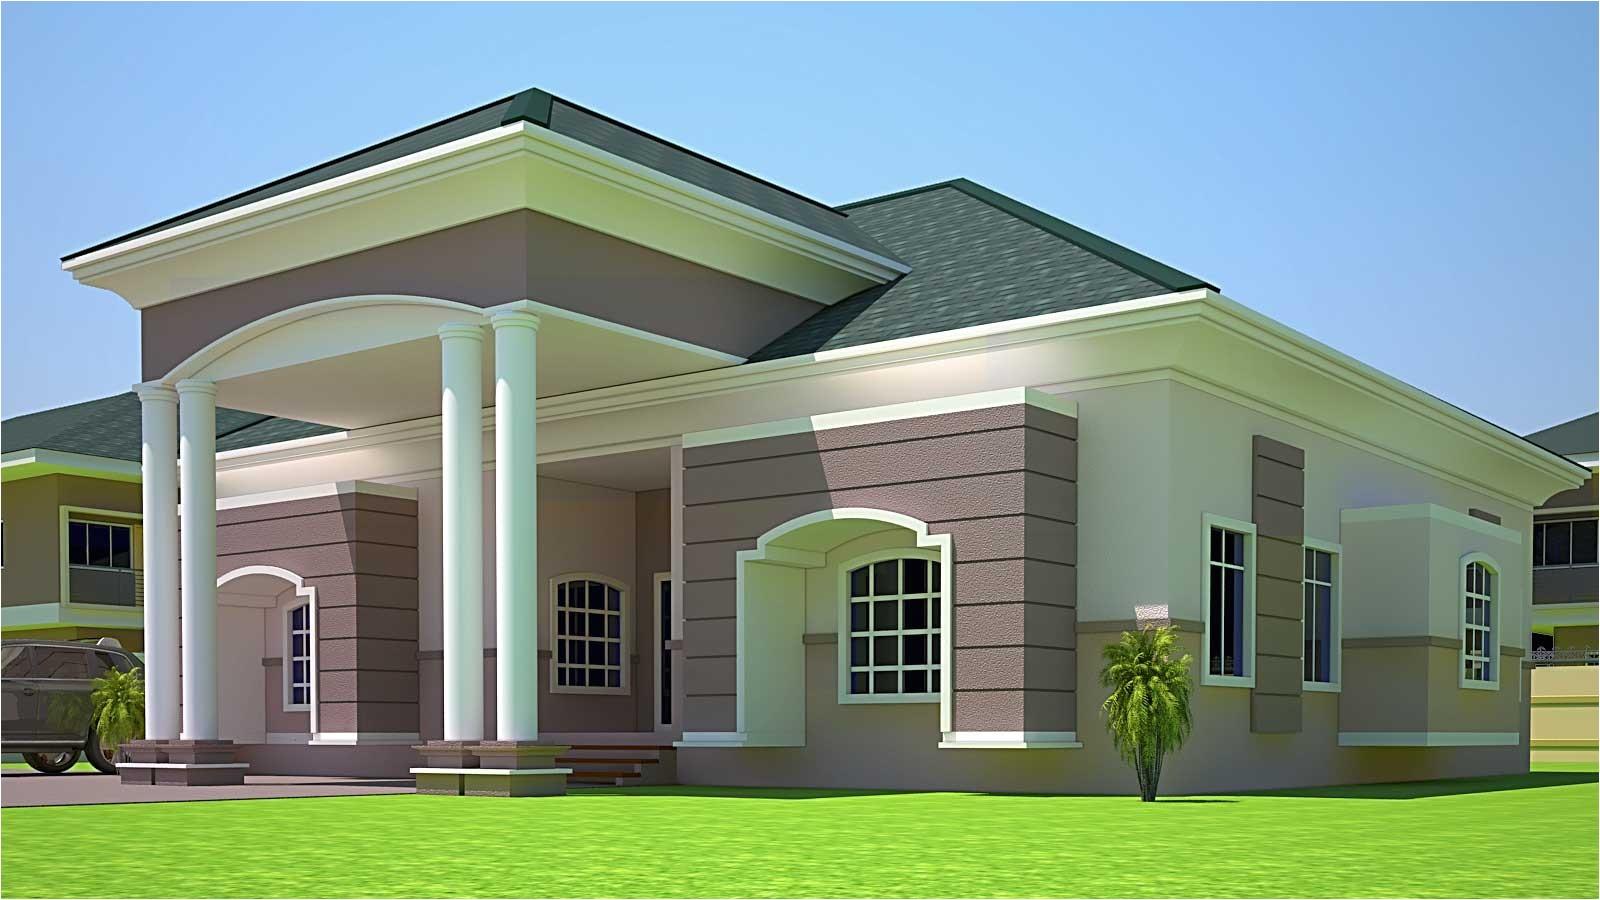 holla 4 bedroom building plan